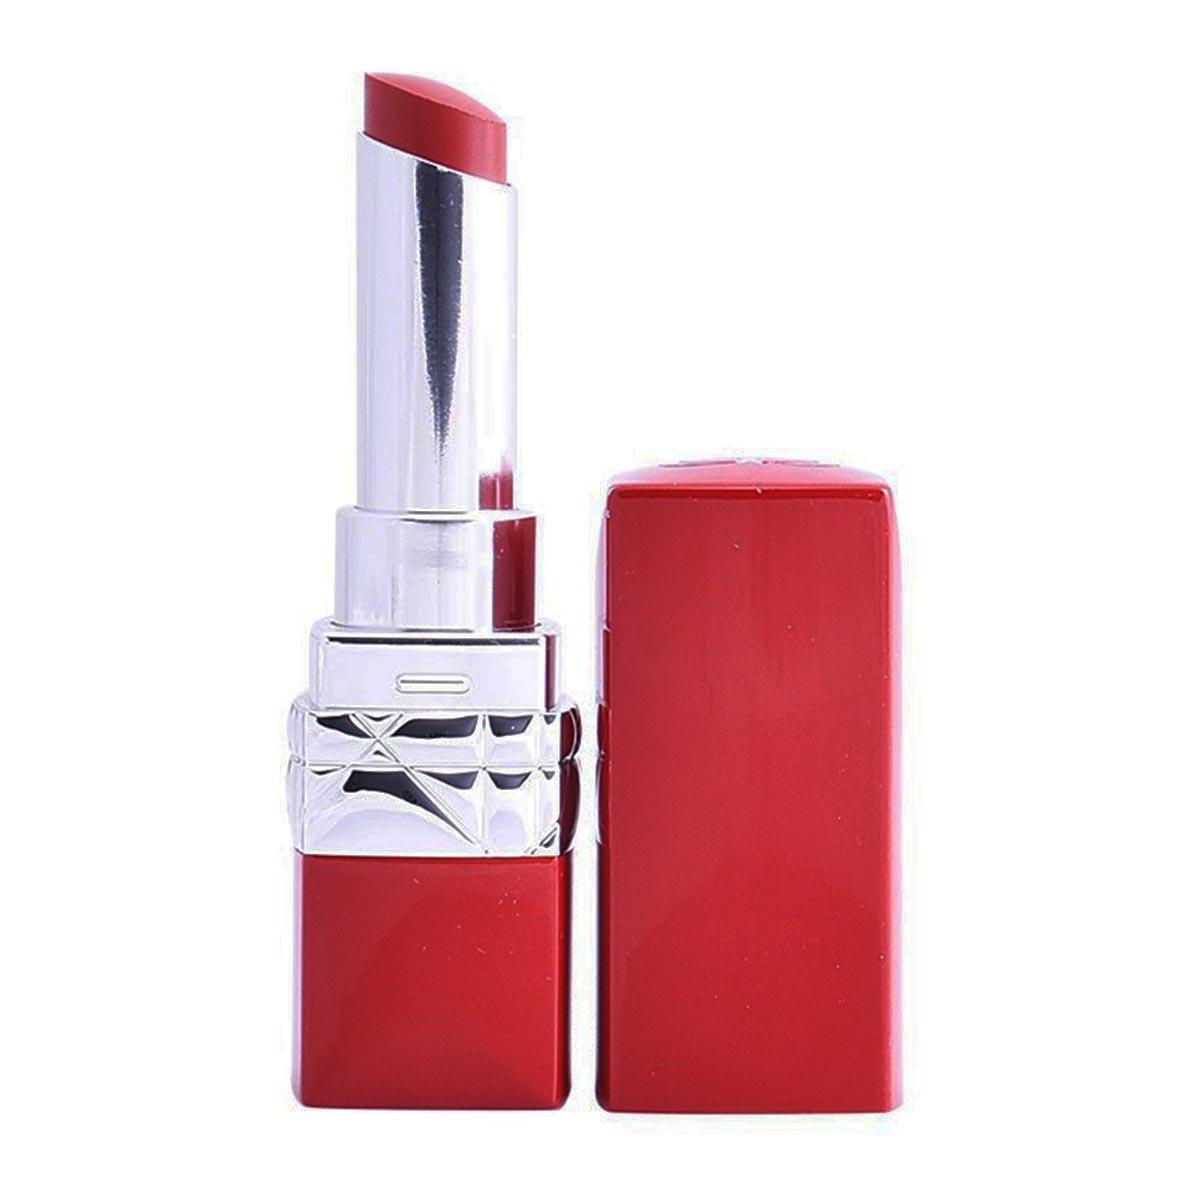 Dior rouge dior ultra lipstick 641 ultra spice